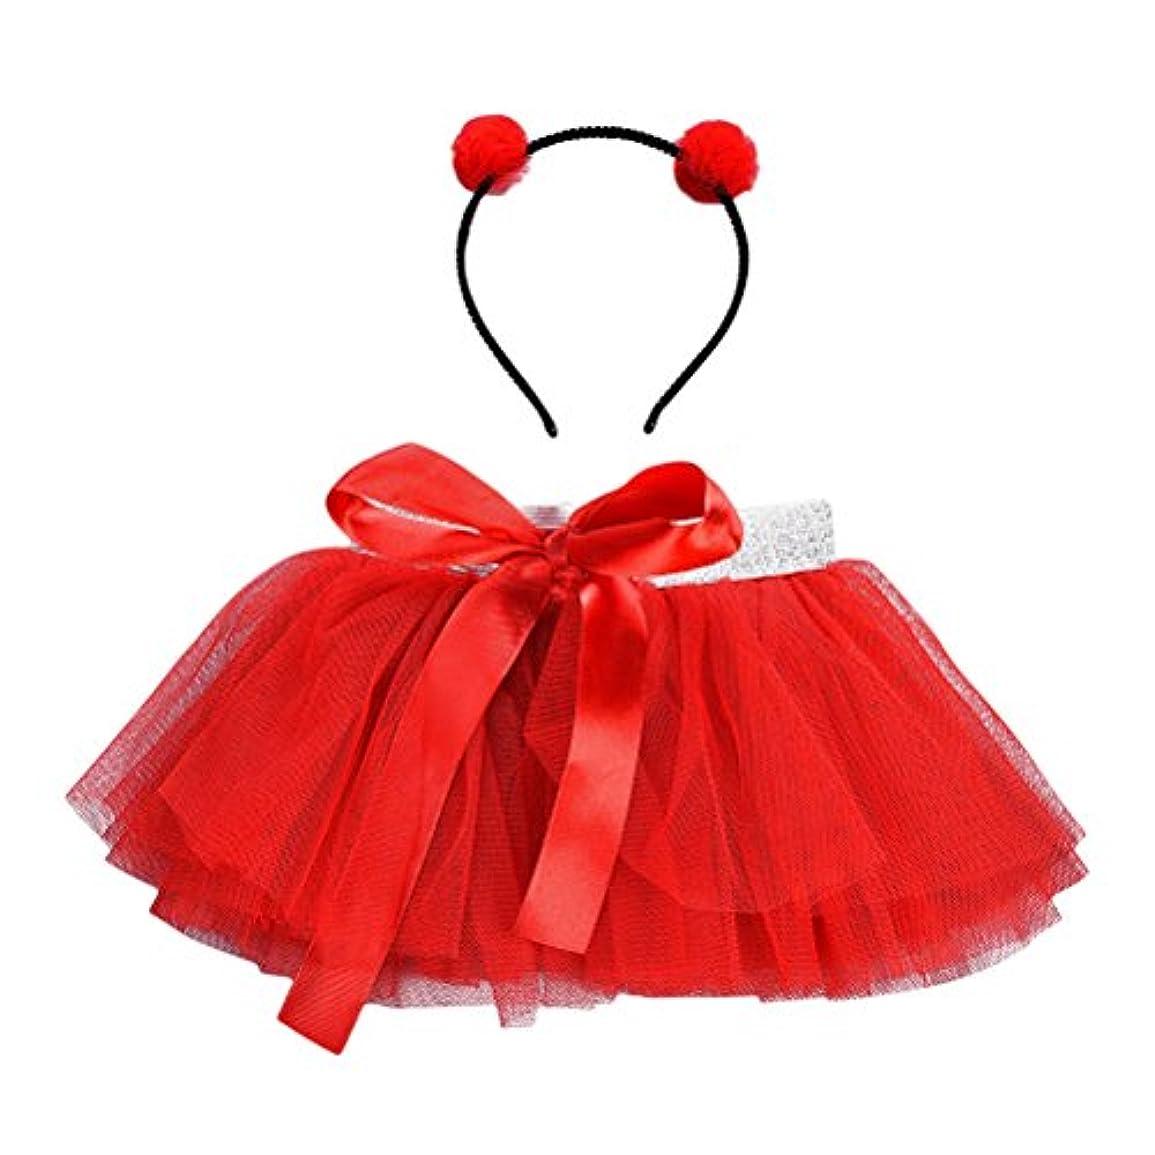 七面鳥サーカス誤解させるLUOEM 女の子TutuスカートセットヘッドバンドプリンセスガールTutuの服装赤ちゃん女の子Birthday Outfit Set(Red)